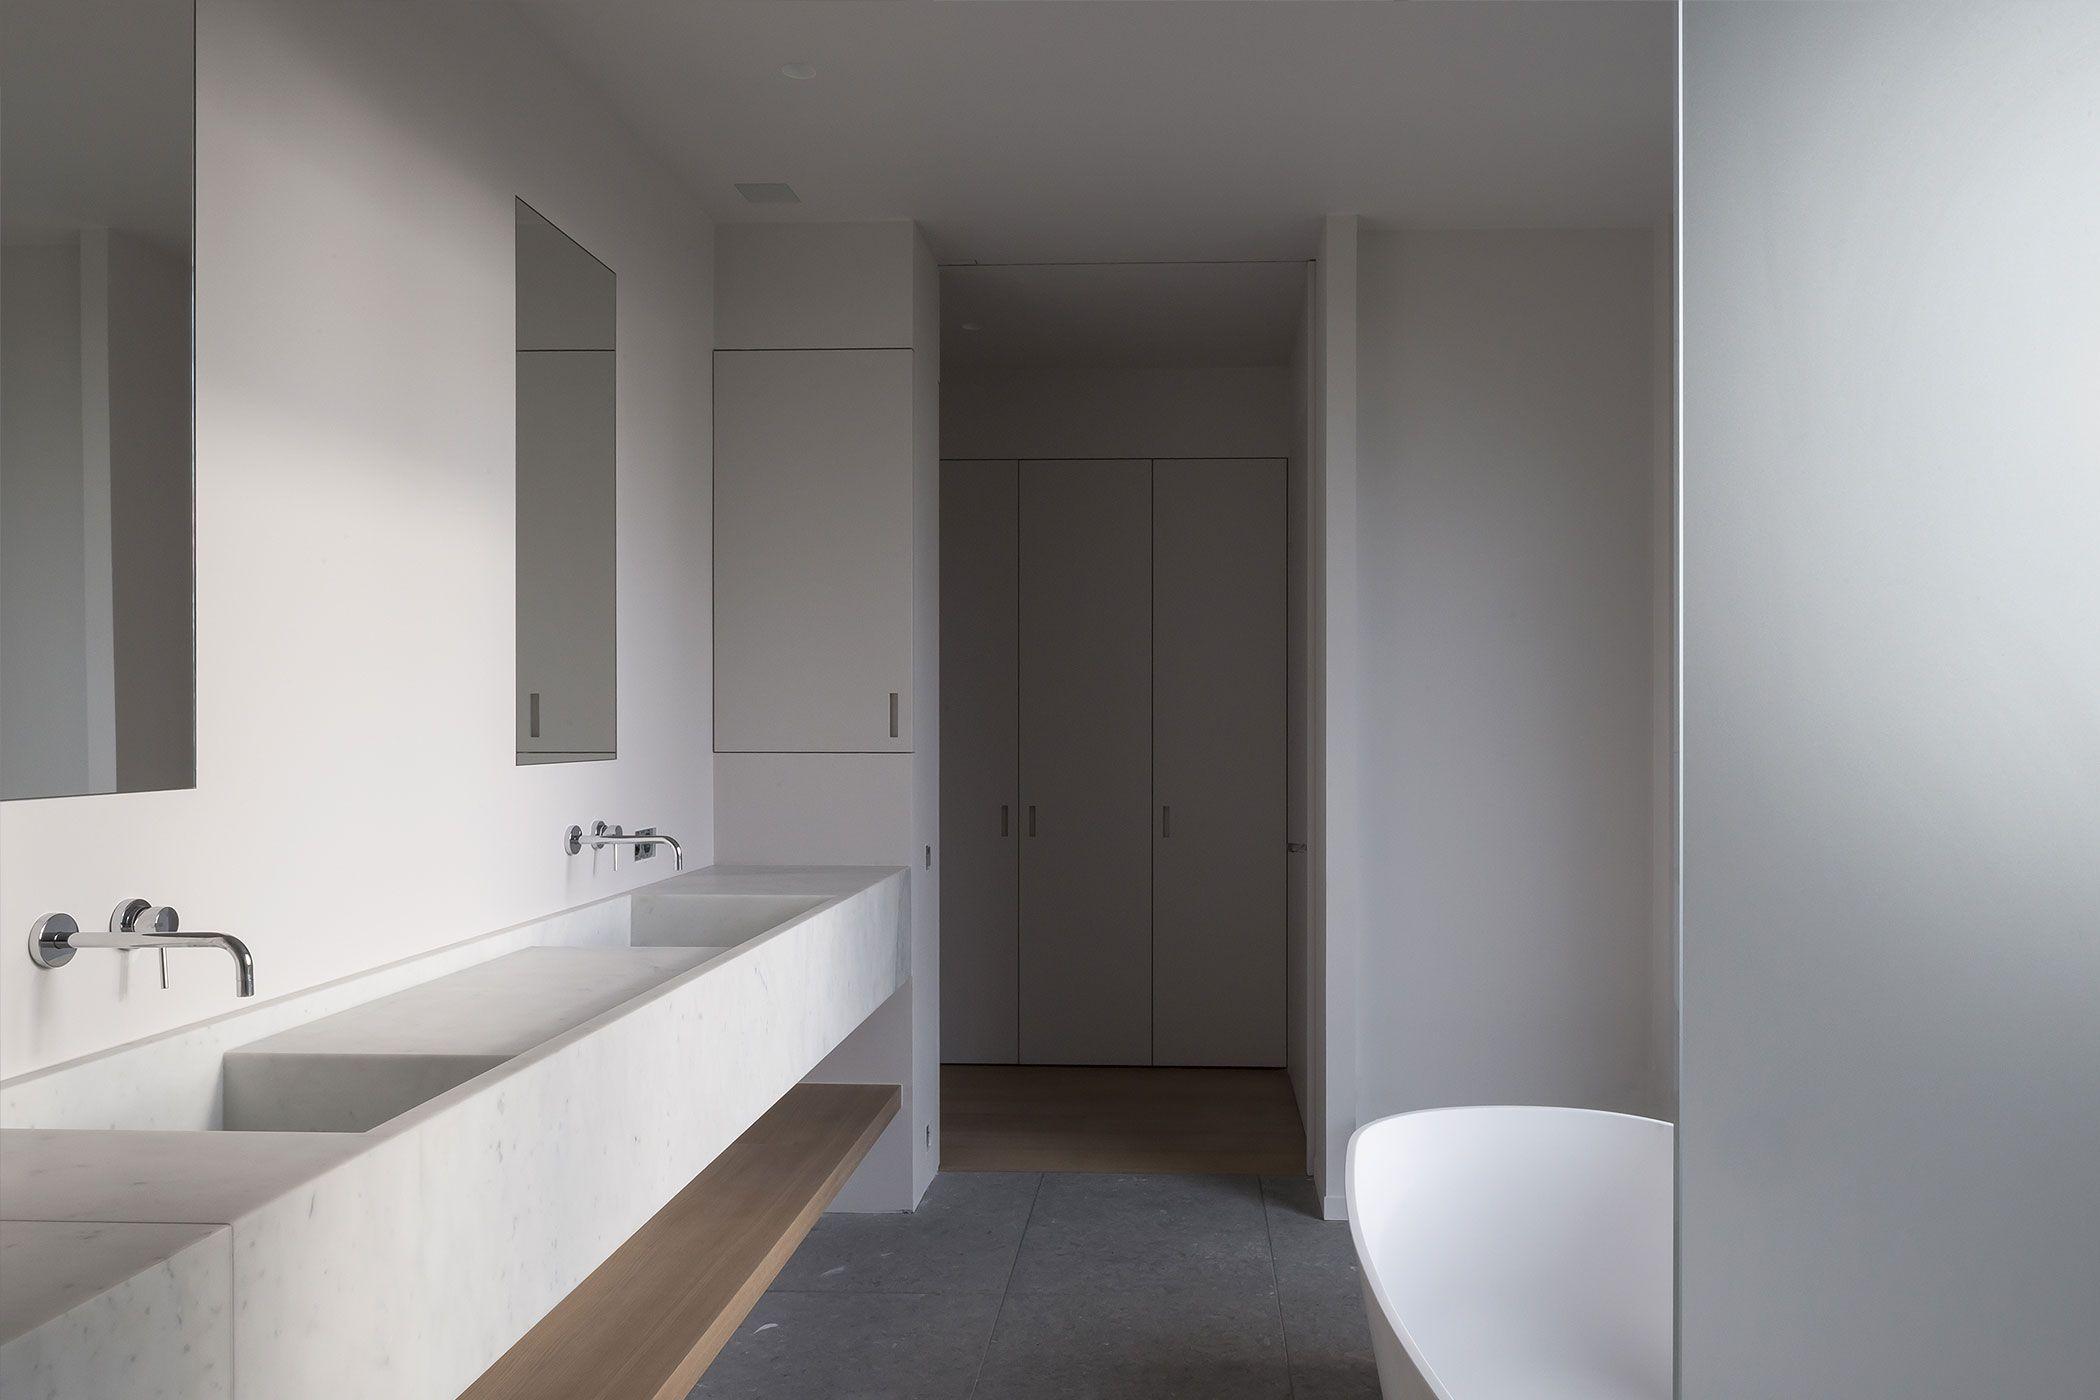 Ontwerp: vincent van duysen architects u2014 uitvoering devaere